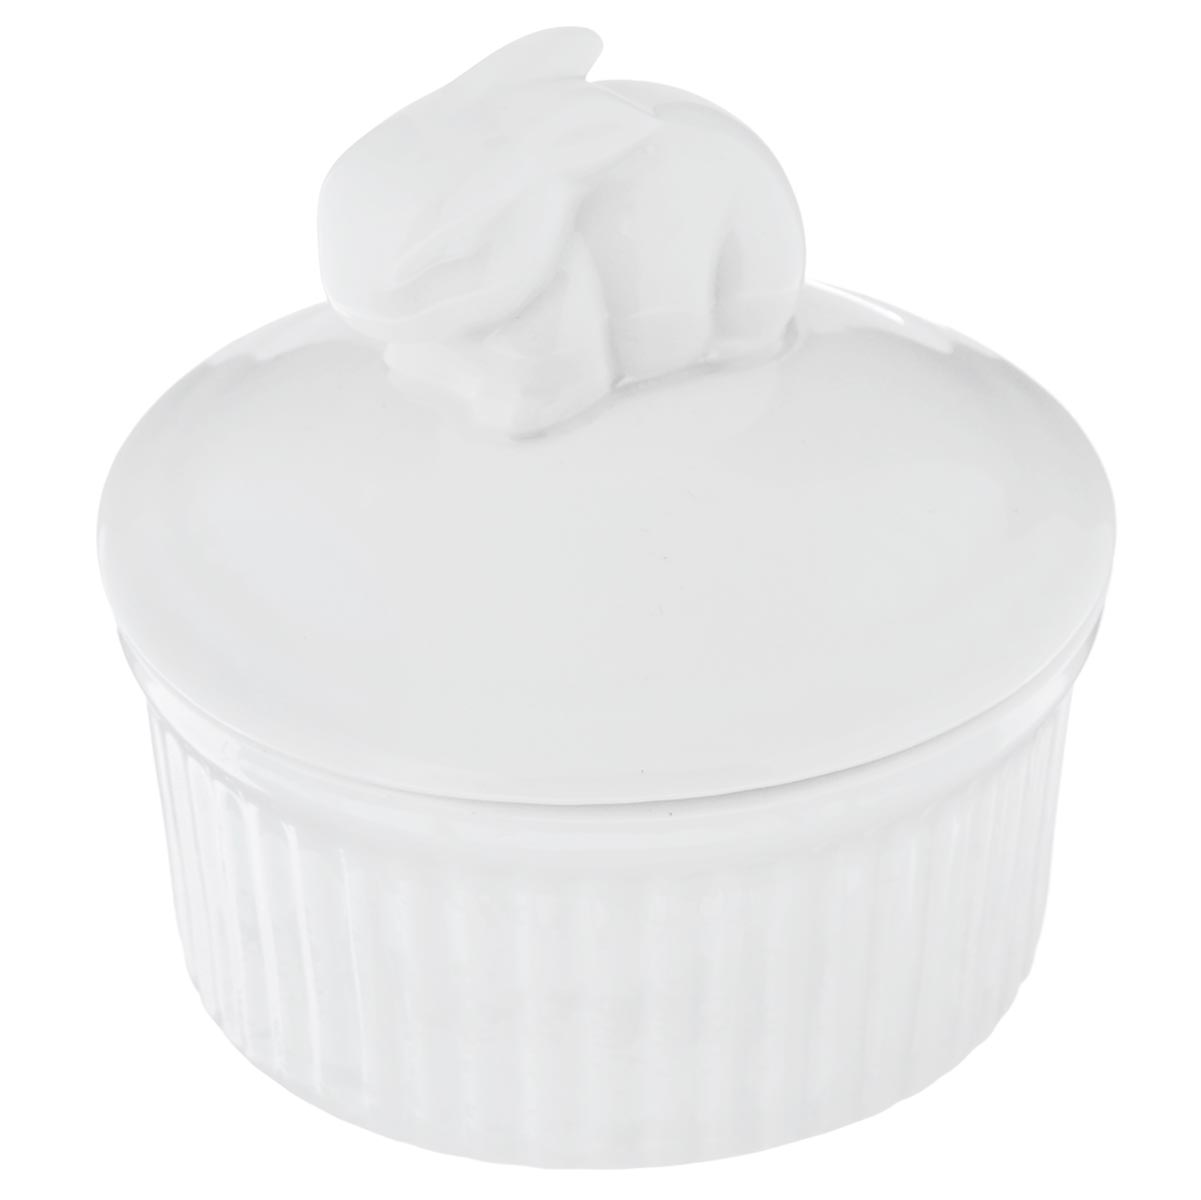 Горшок для запекания Walmer Rabbit, с крышкой, цвет: белый, диаметр 9 смW10320009Горшочек для запекания Walmer Rabbit круглой формы изготовлен из высококачественного фарфора и оснащен крышкой. Крышка изделия декорирована фигуркой в виде кролика. Горшочек подходит для запекания различных блюд. Может быть использовано для подачи запеченных и охлажденных блюд на стол.Такое изделие станет отличным дополнением к вашему кухонному инвентарю, а также украсит сервировку стола и подчеркнет прекрасный вкус хозяина. Можно использовать в микроволновой печи.Диаметр (по верхнему краю) : 9 см.Диаметр основания: 7,7 см. Высота (без учета крышки): 4,5 см.Объем: 120 мл.